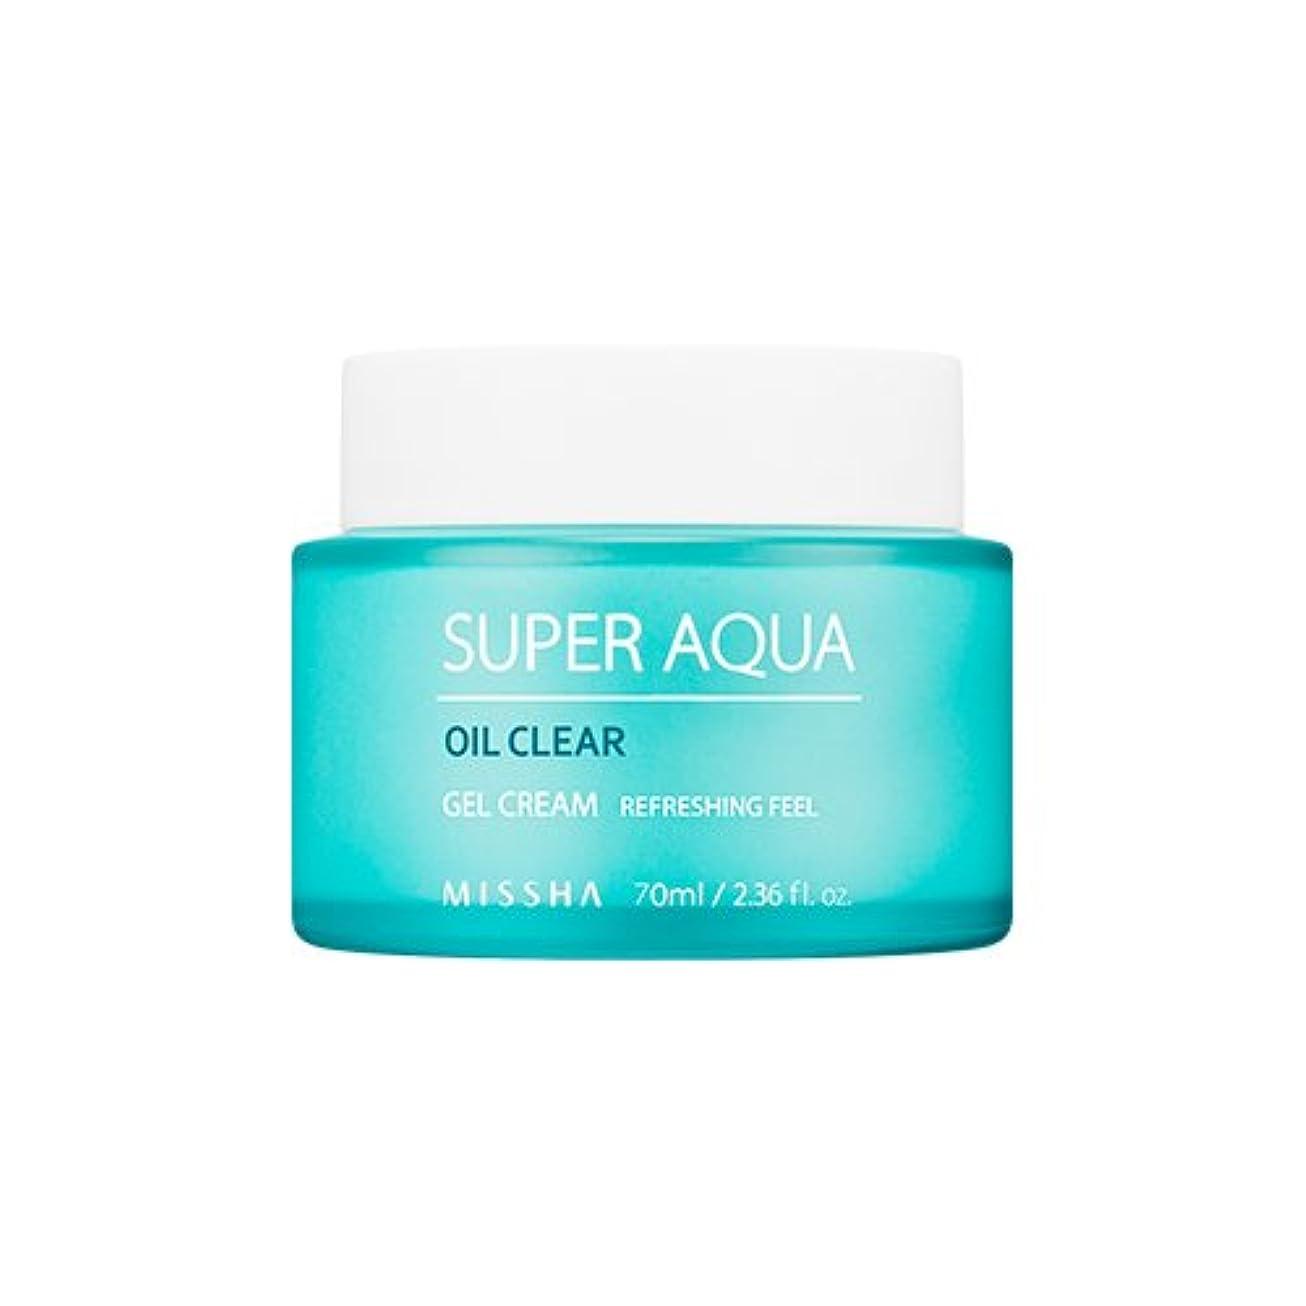 職業奴隷香水MISSHA Super Aqua Oil Clear Gel Cream 70ml/ミシャ スーパー アクア オイル クリア ジェル クリーム 70ml [並行輸入品]